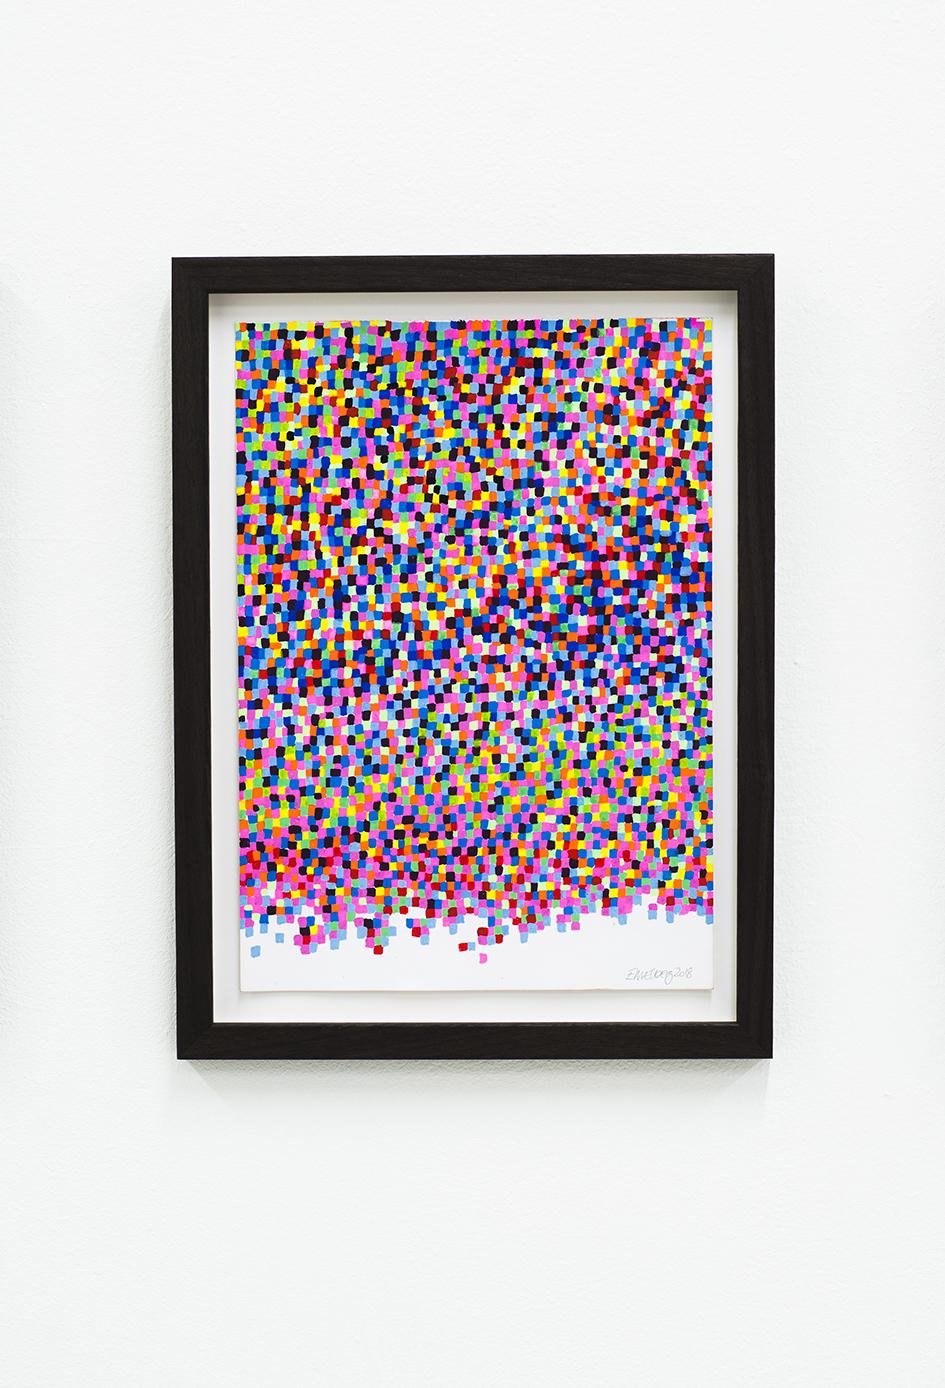 Mosaic drawing (2018)  acrylic on paper, walnut frame size 35 x 26,2cm  Photo: Jan Inge Haga